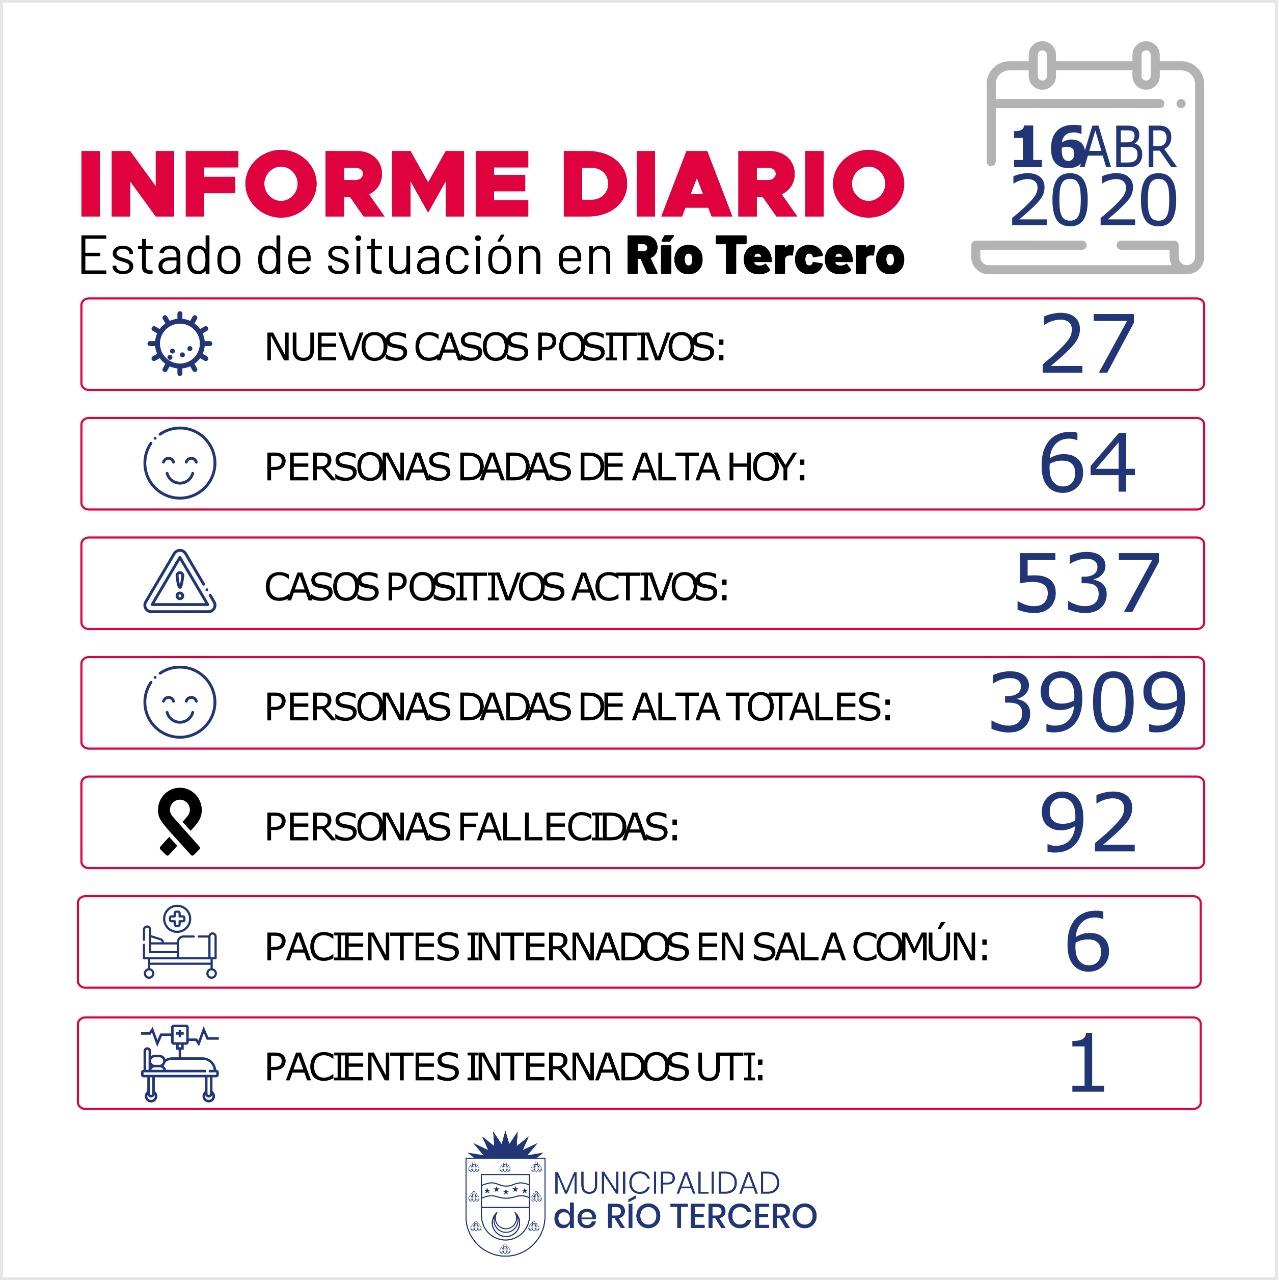 RÍO TERCERO HUBO 1 FALLECIDO: SE REGISTRARON 27 NUEVOS CASOS POSITIVOS